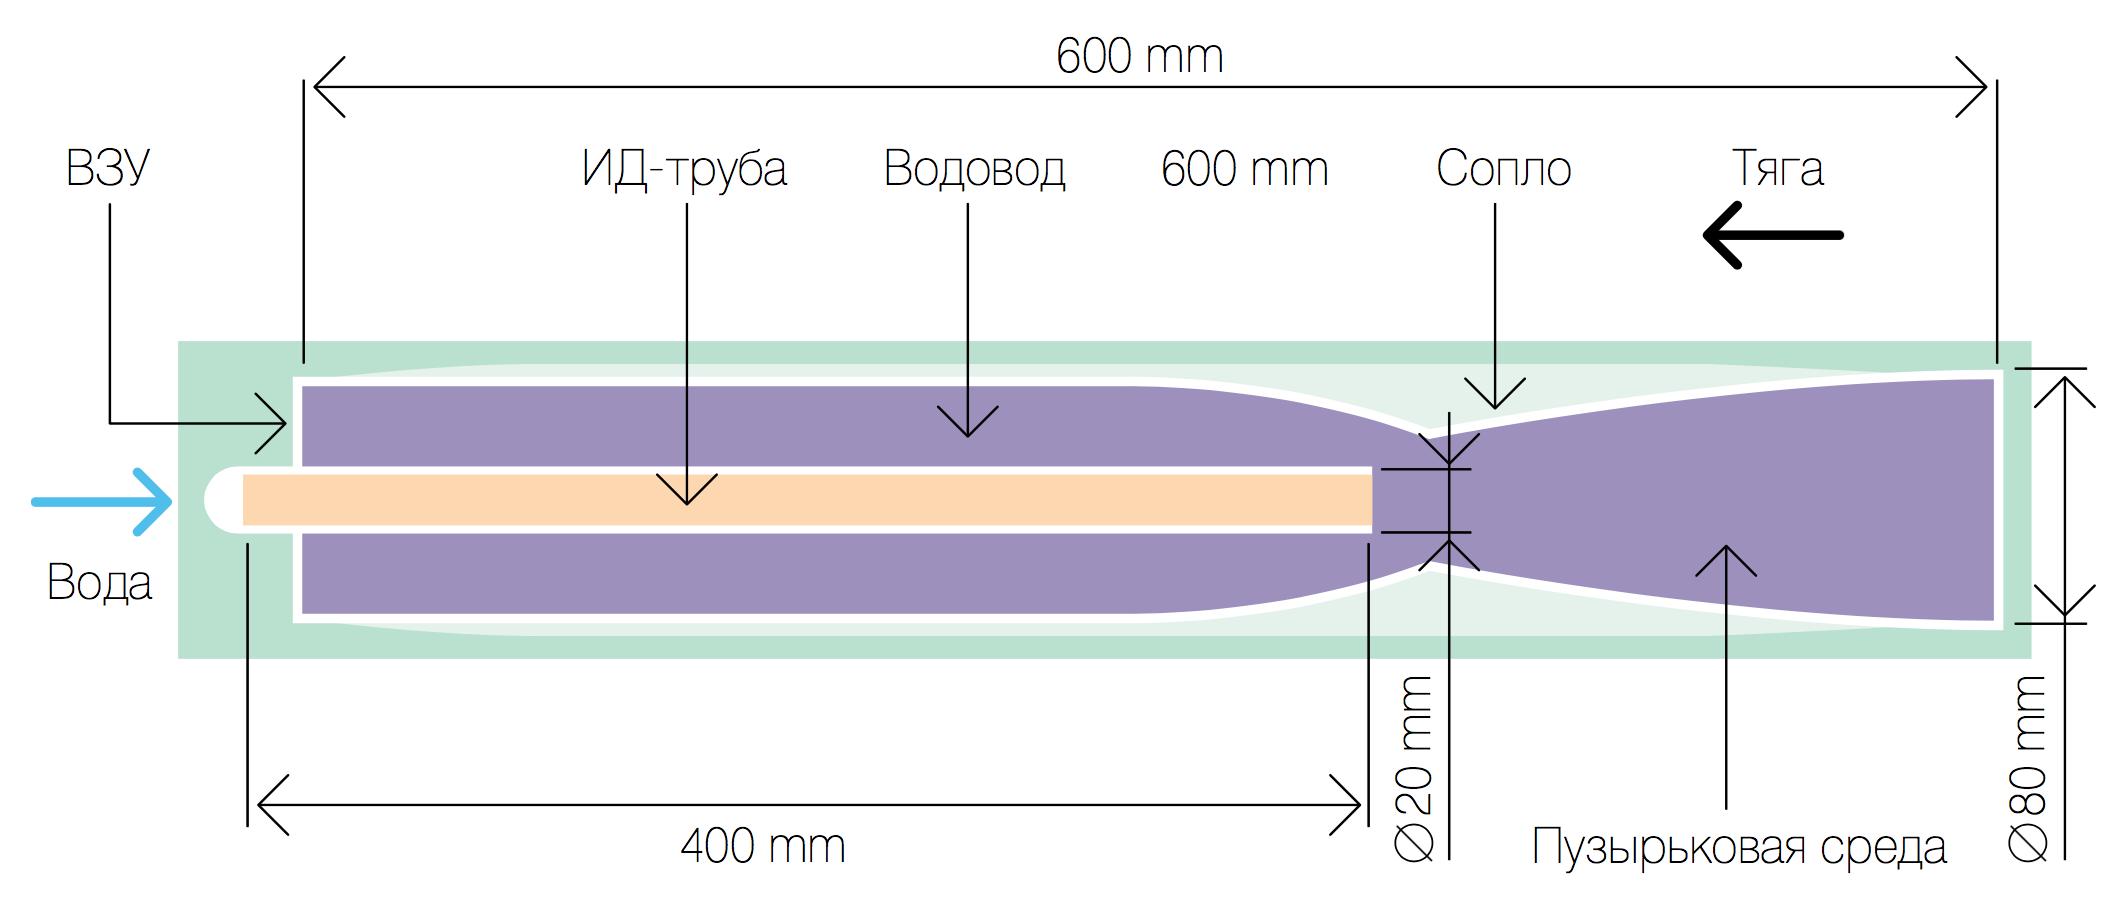 Рис. 1. Схема плоского прямоточного водометного движителя